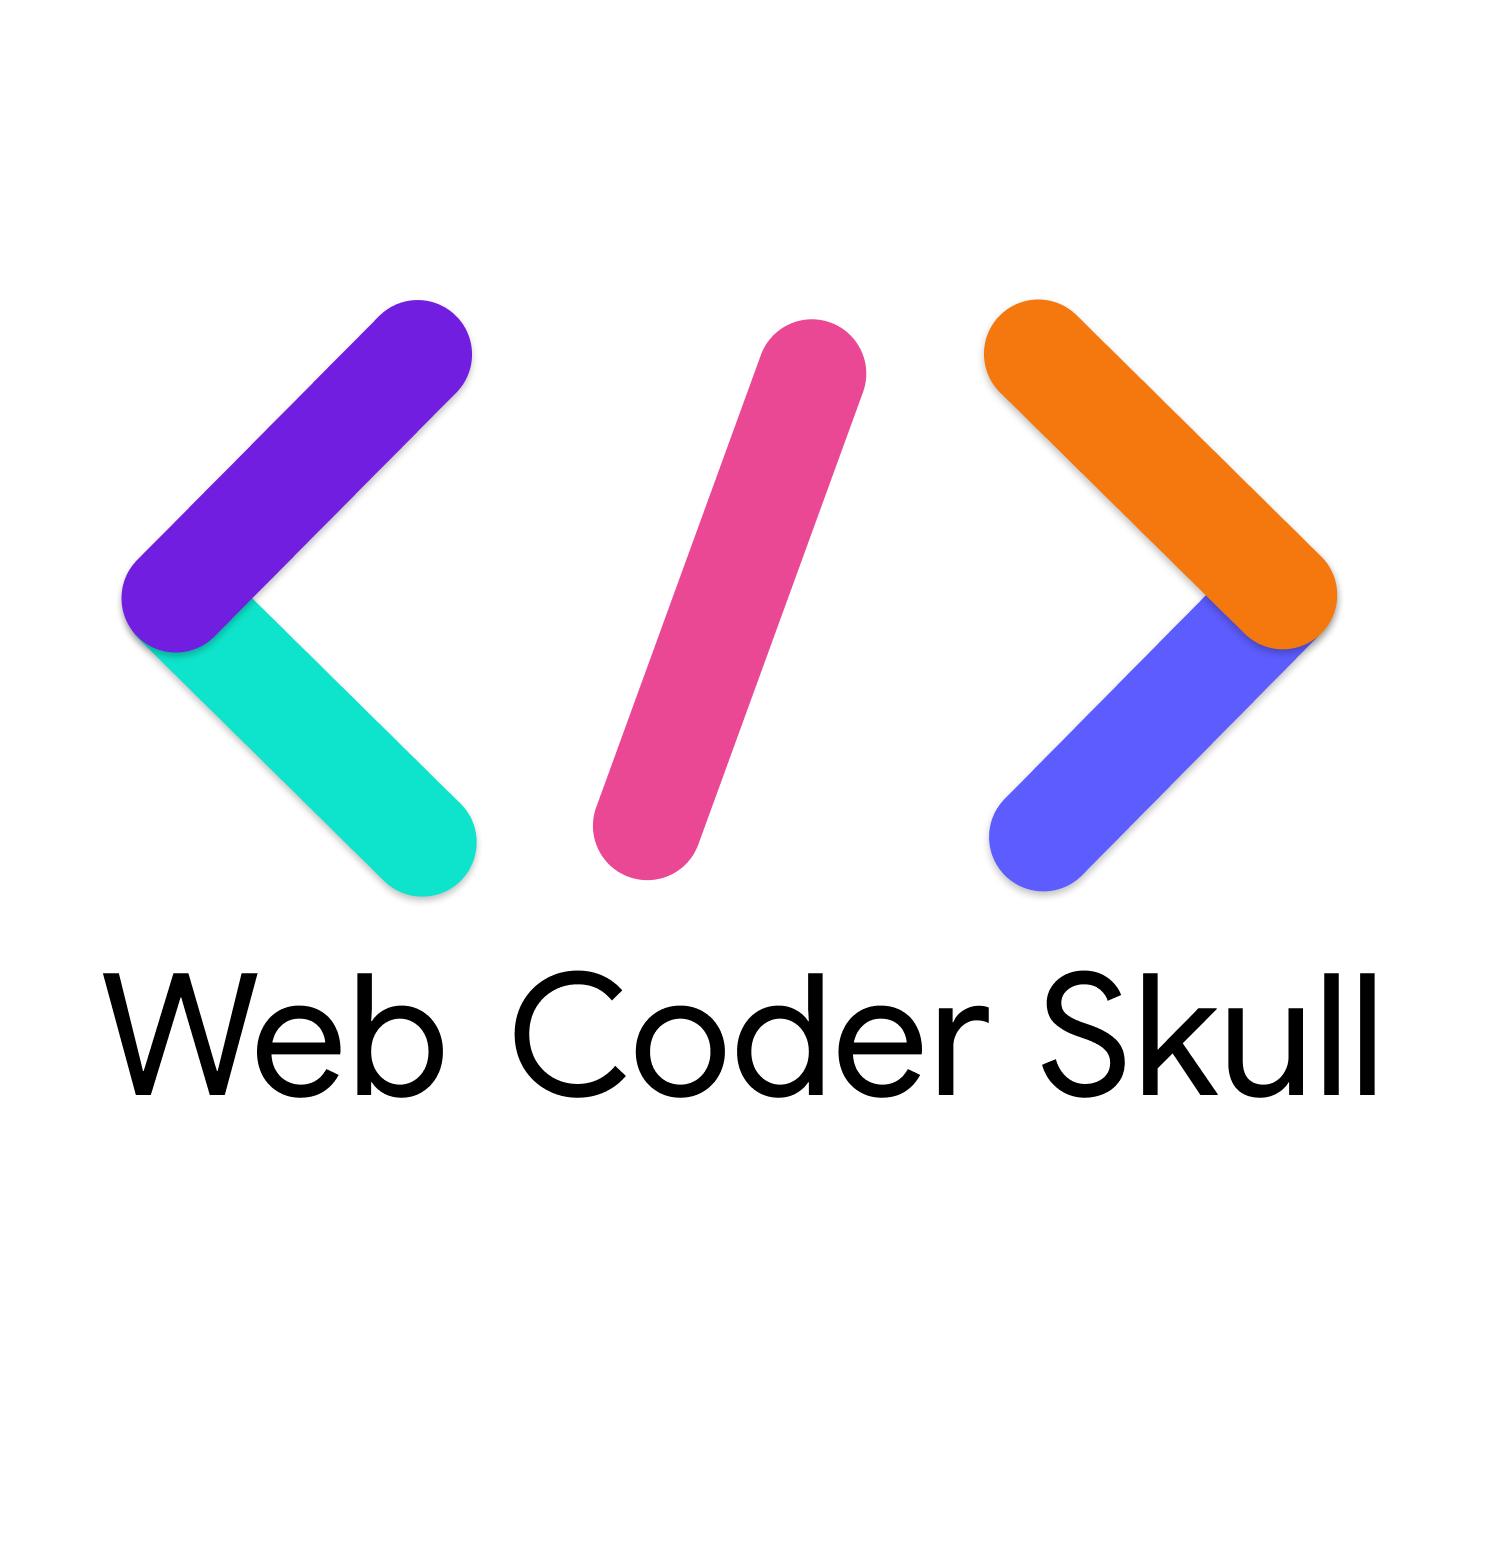 Web Coder Skull Logo